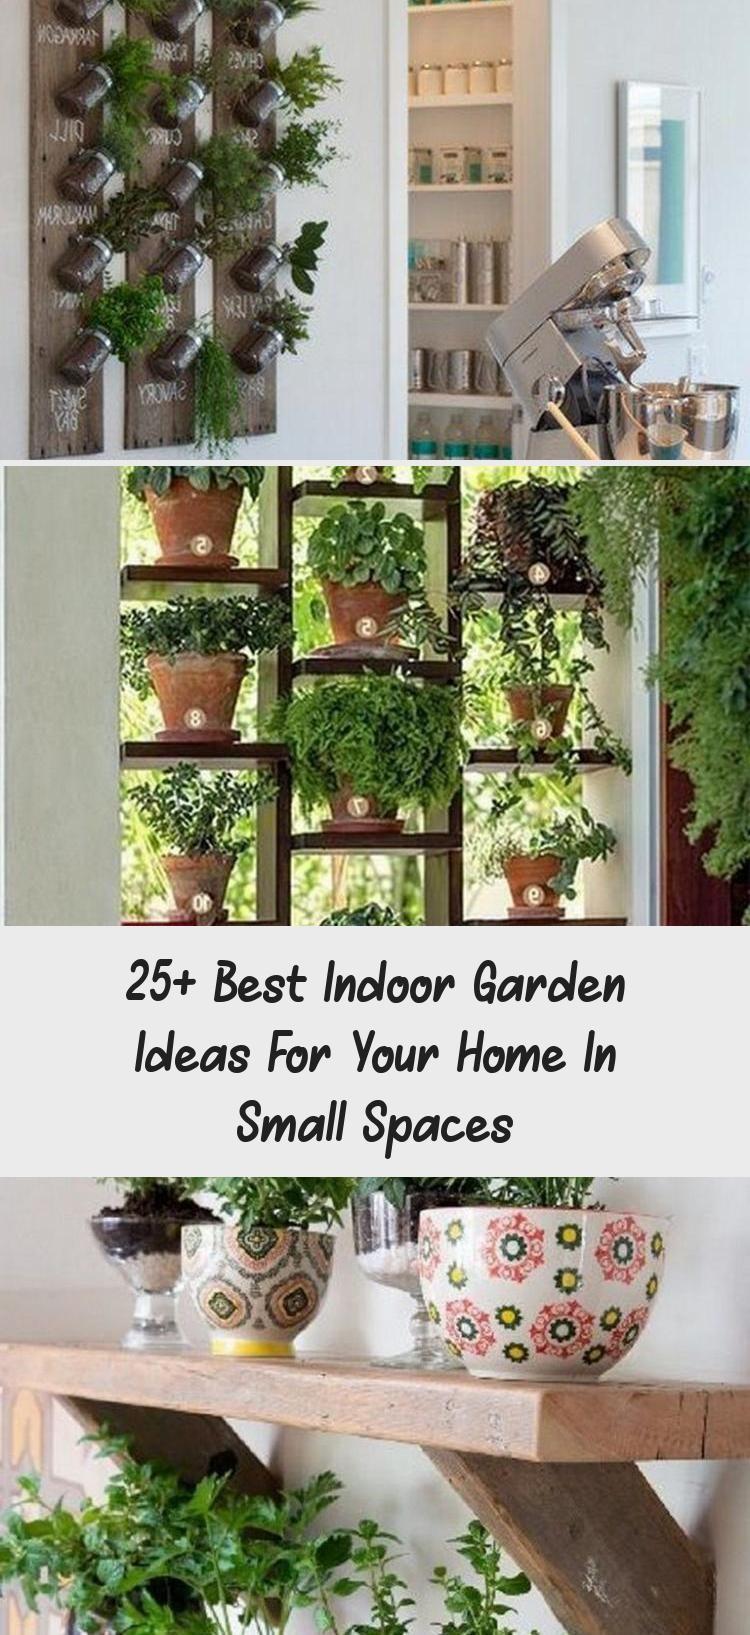 25 Best Indoor Garden Ideas For Your Home In Small Spaces Indoor Indoorgarden Indoorgardenideas Indoorgar In 2020 Indoor Garden Small Space Gardening Small Spaces